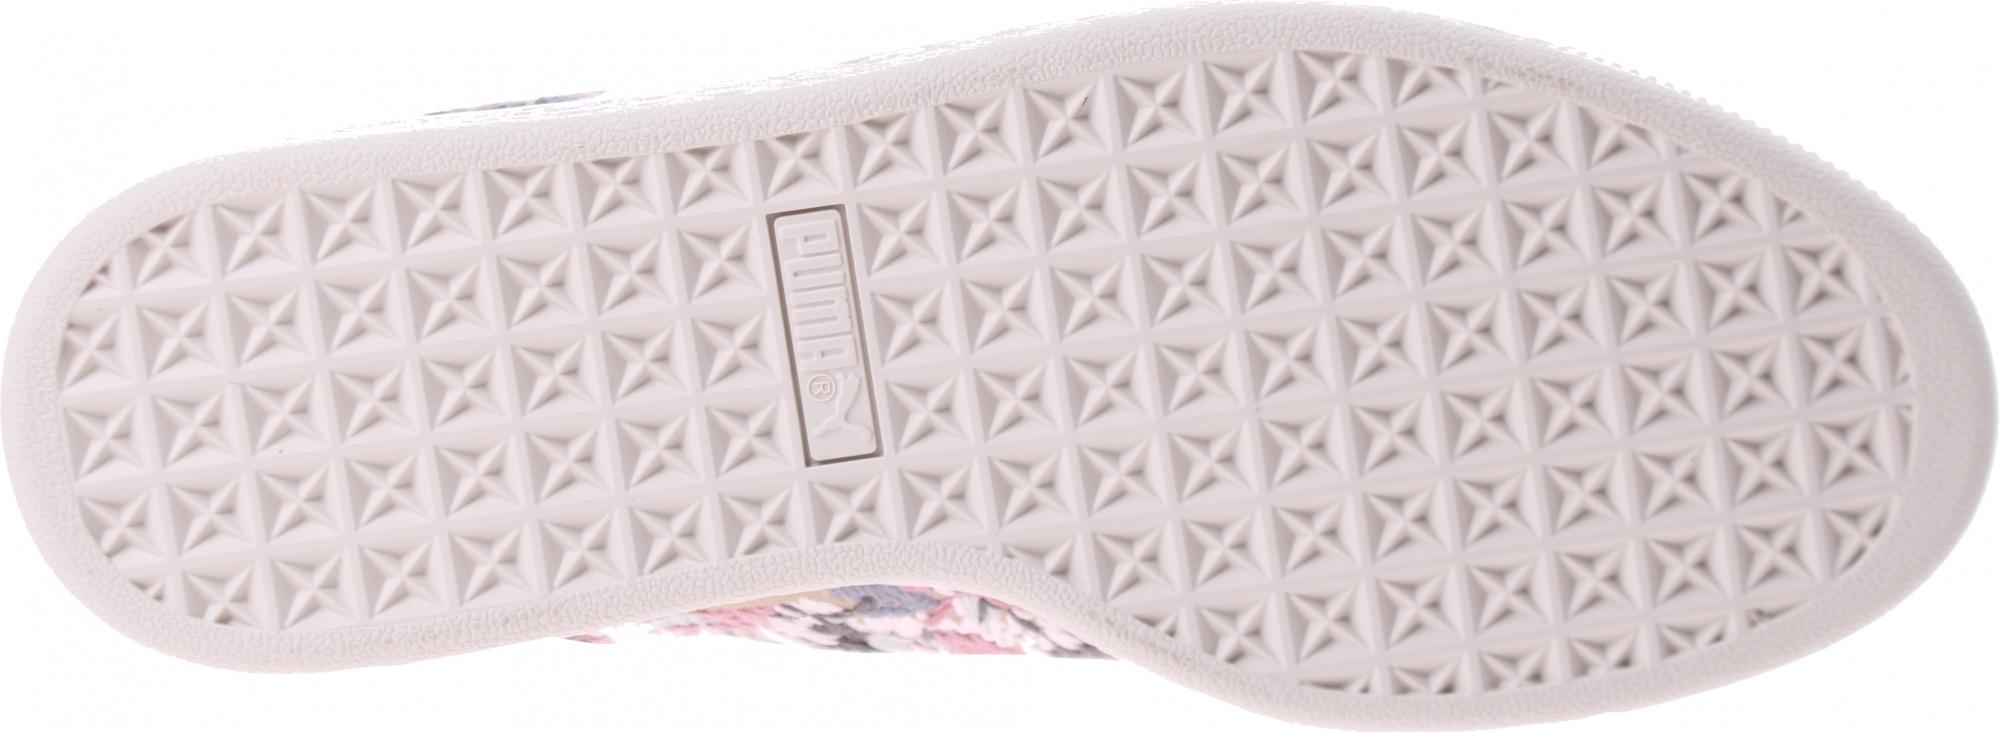 cheap for discount 07d1e 16e3b Puma sneakers Suede Sunfade Stitch women beige - Internet ...